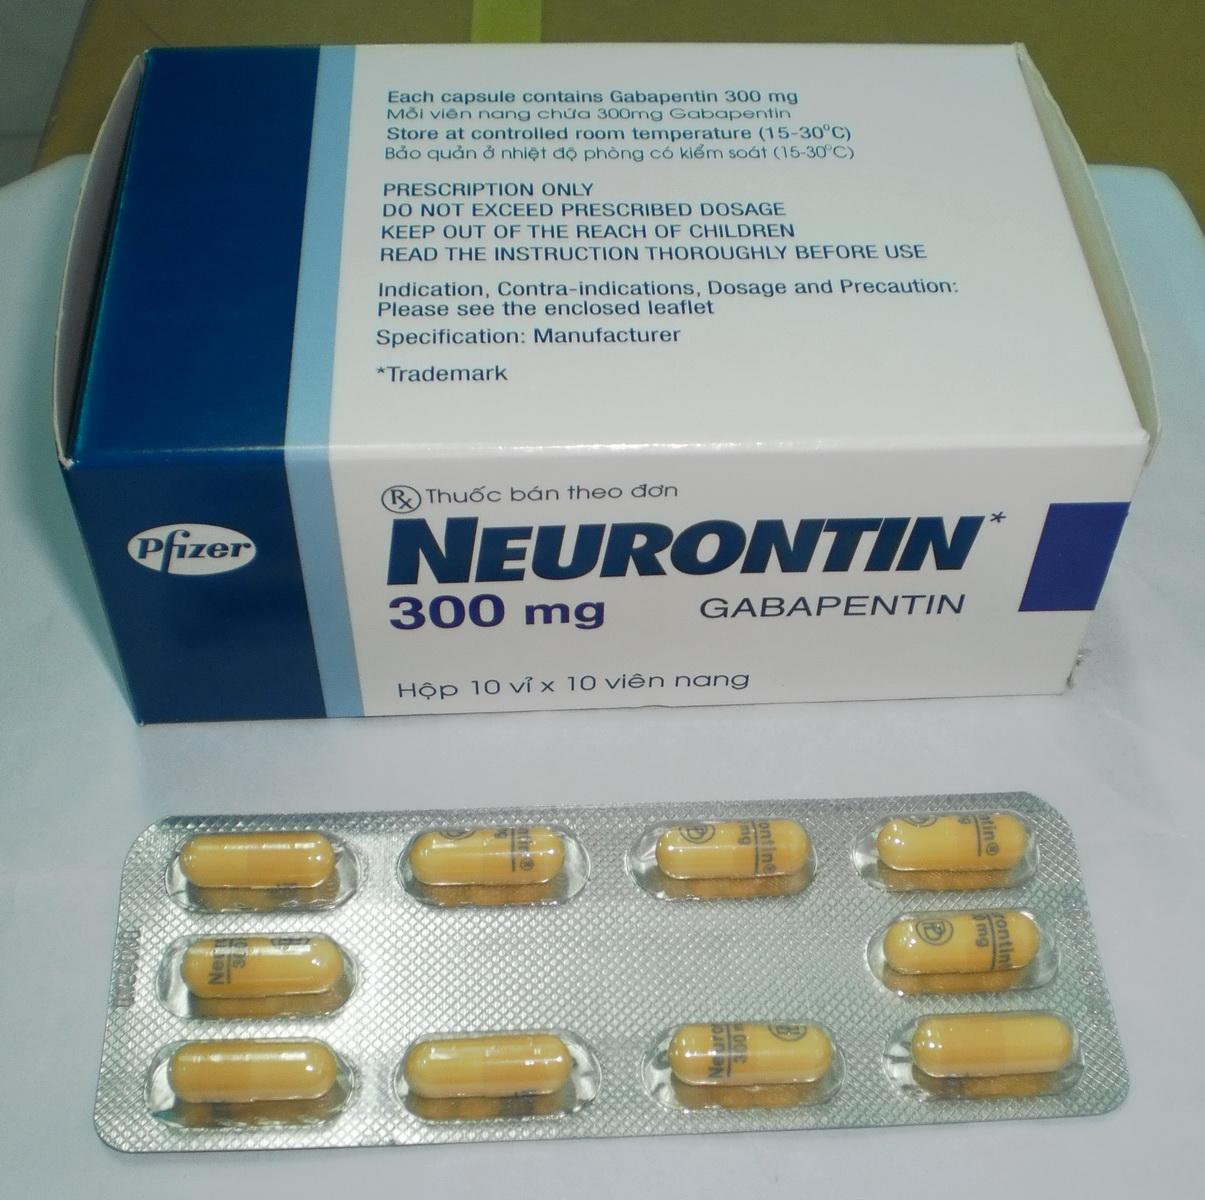 معلومات عن دواء نيورونتين Neurontin المرسال